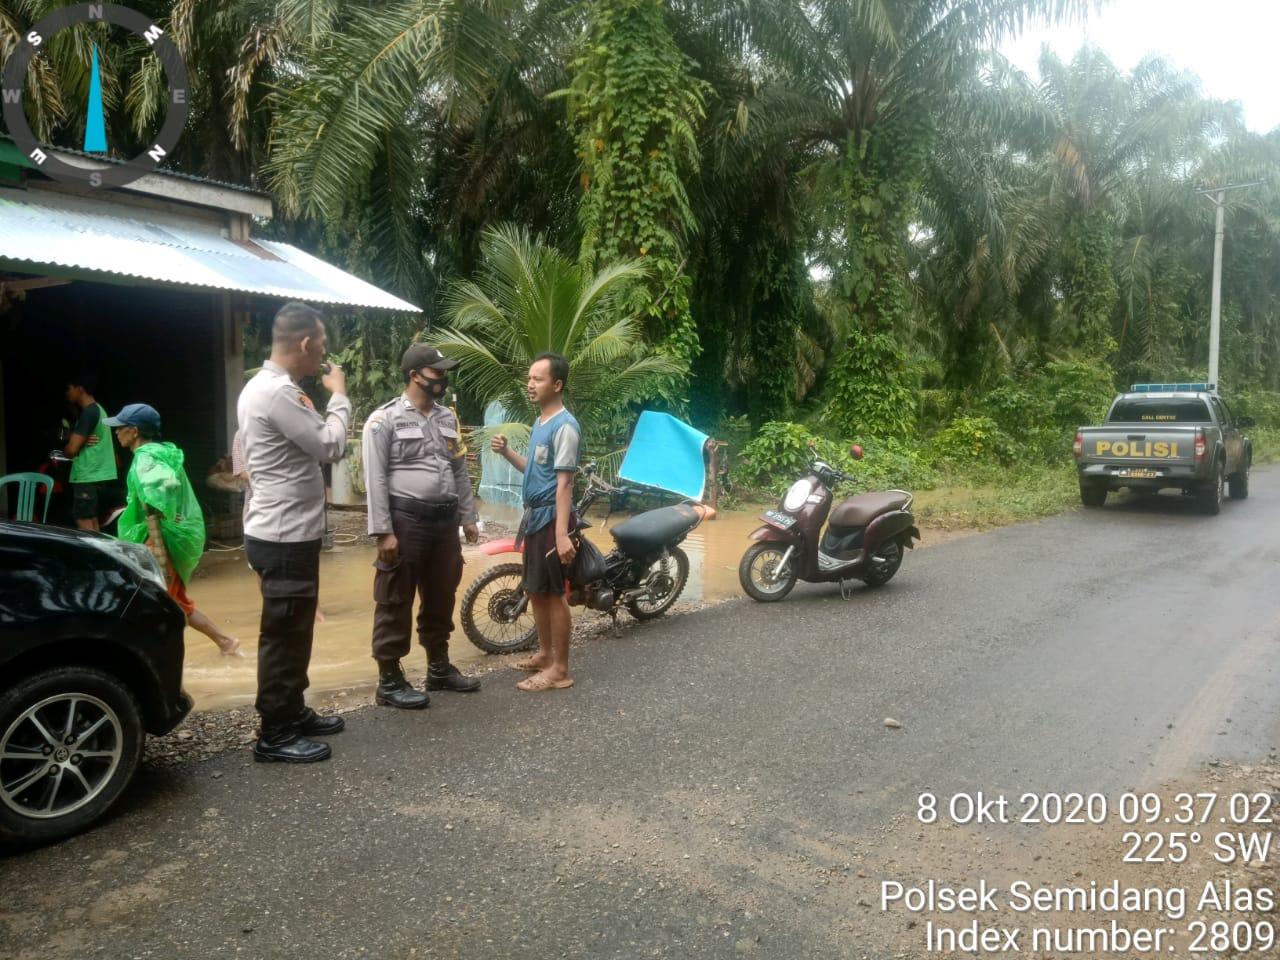 Patroli Cek Rumah Warga Terkena Banjir, Polsek Semidang Alas Ingatkan Masyarakat Tetap Waspada